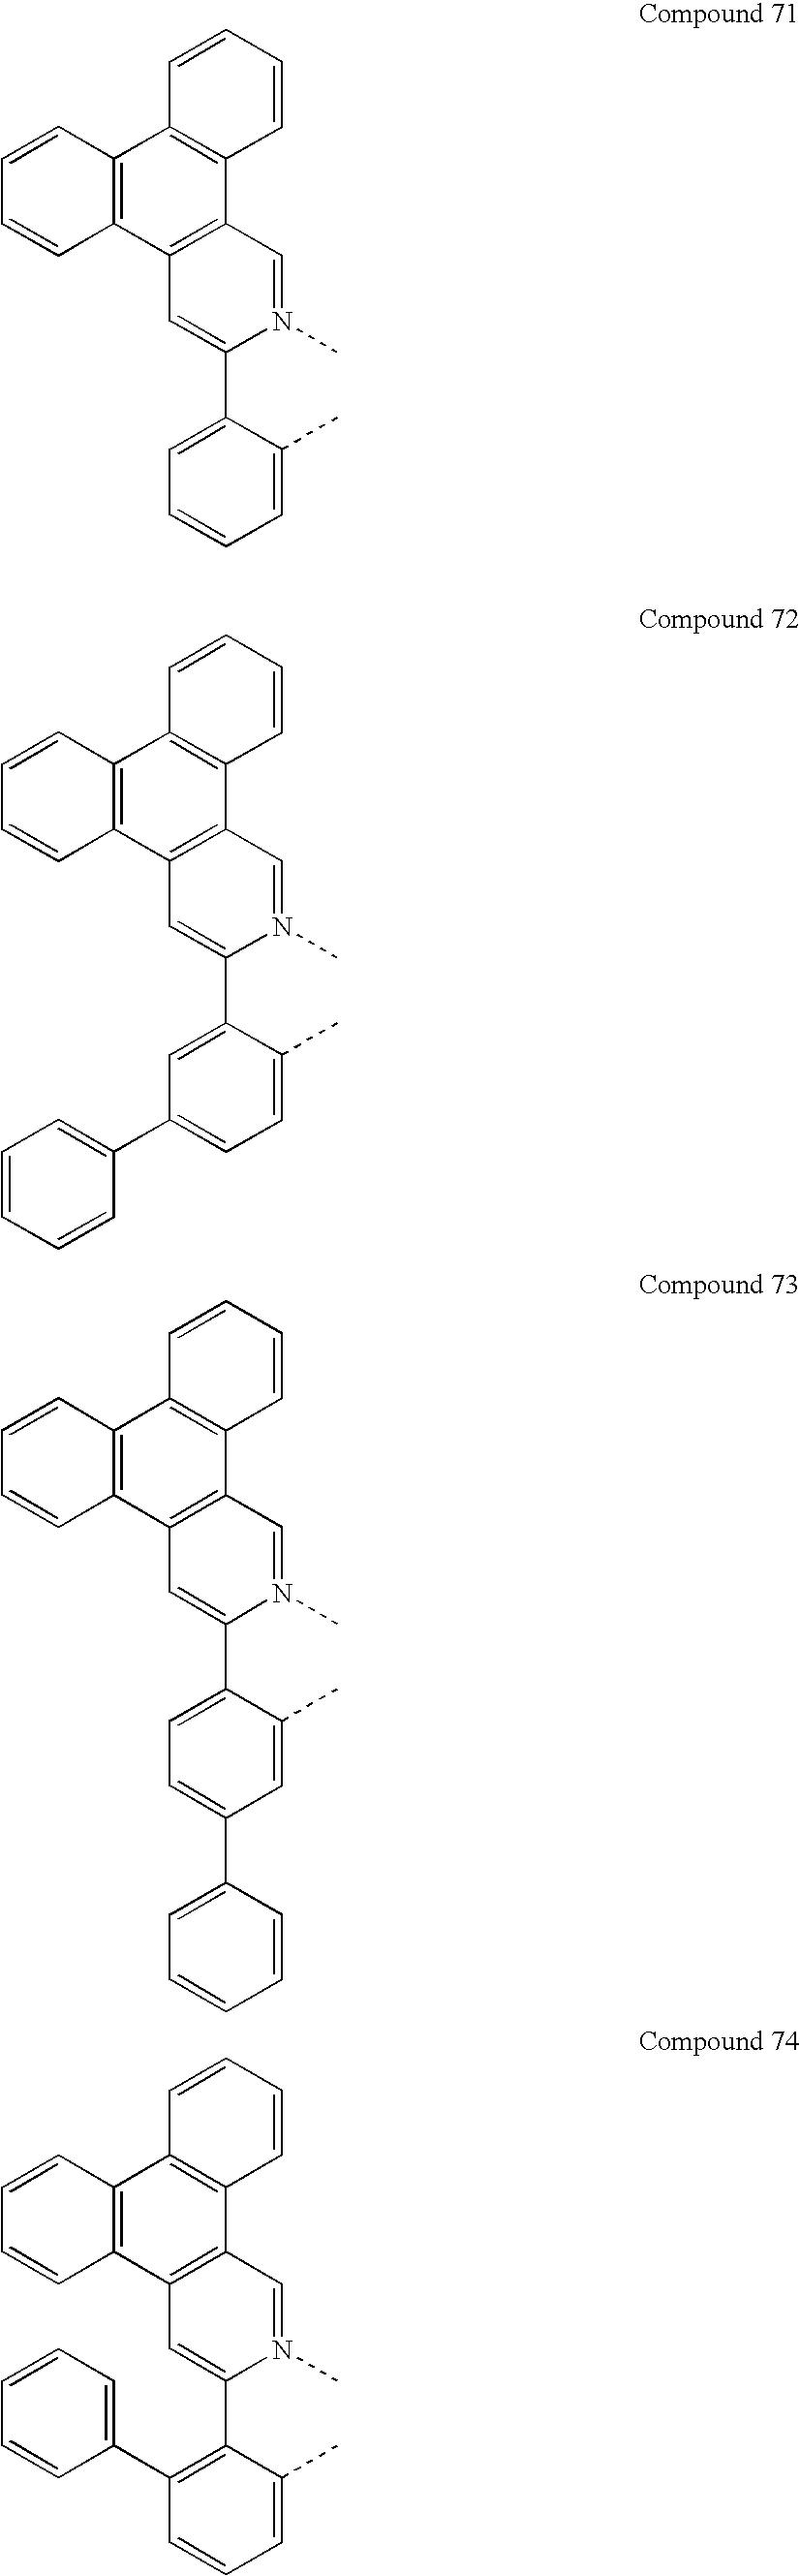 Figure US20100289406A1-20101118-C00052